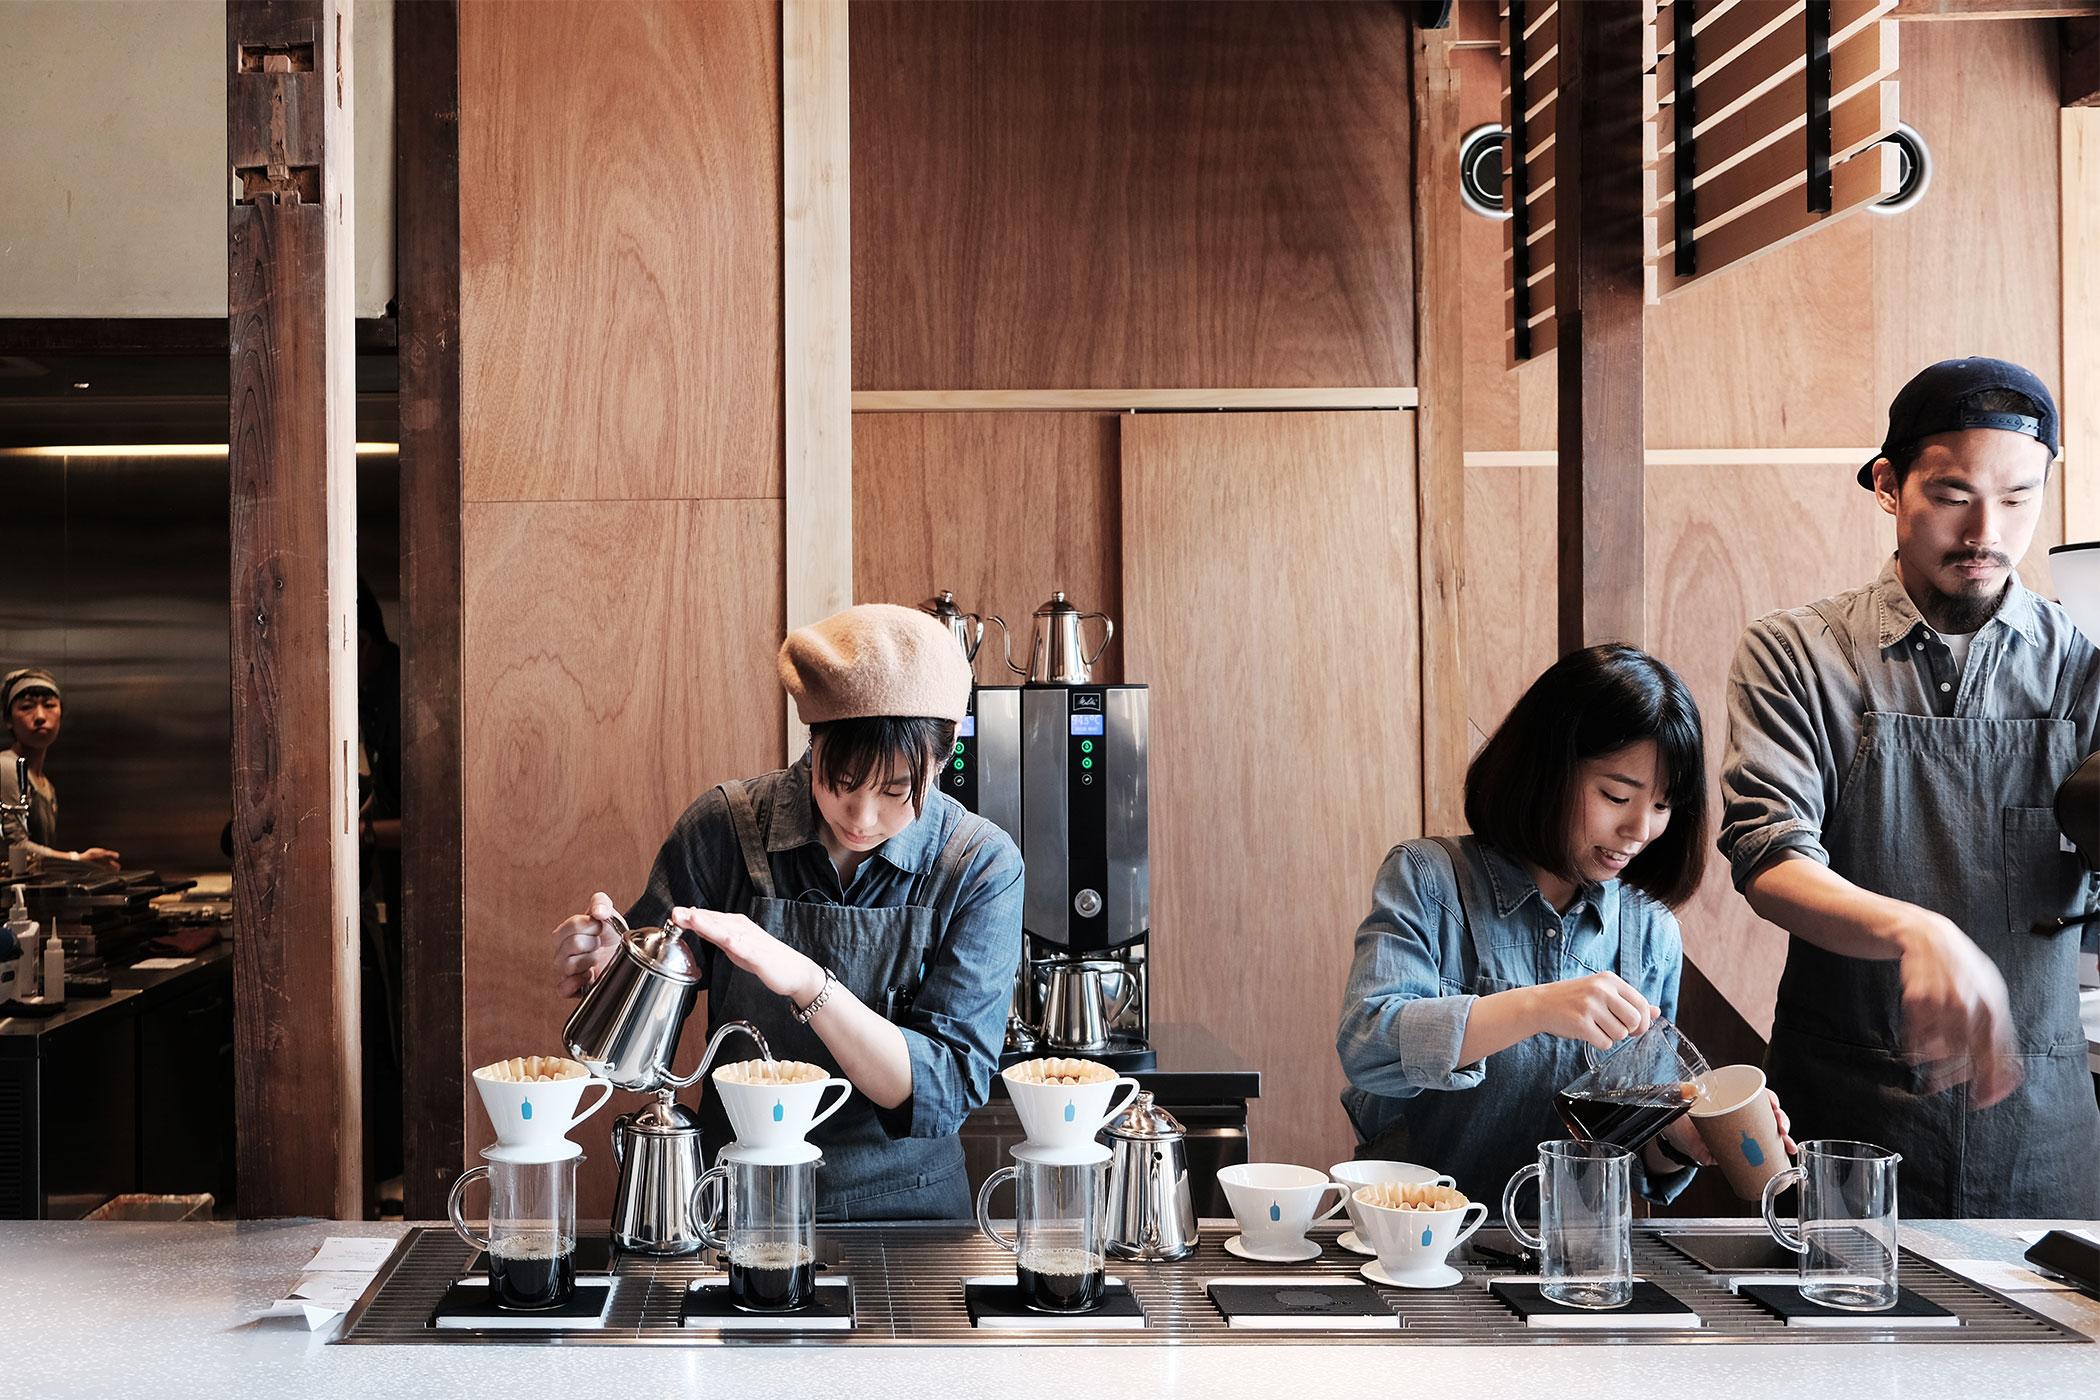 2018年3月にポストしたカフェ・コーヒースタンド一覧 ブルーボトルコーヒー 京都カフェ